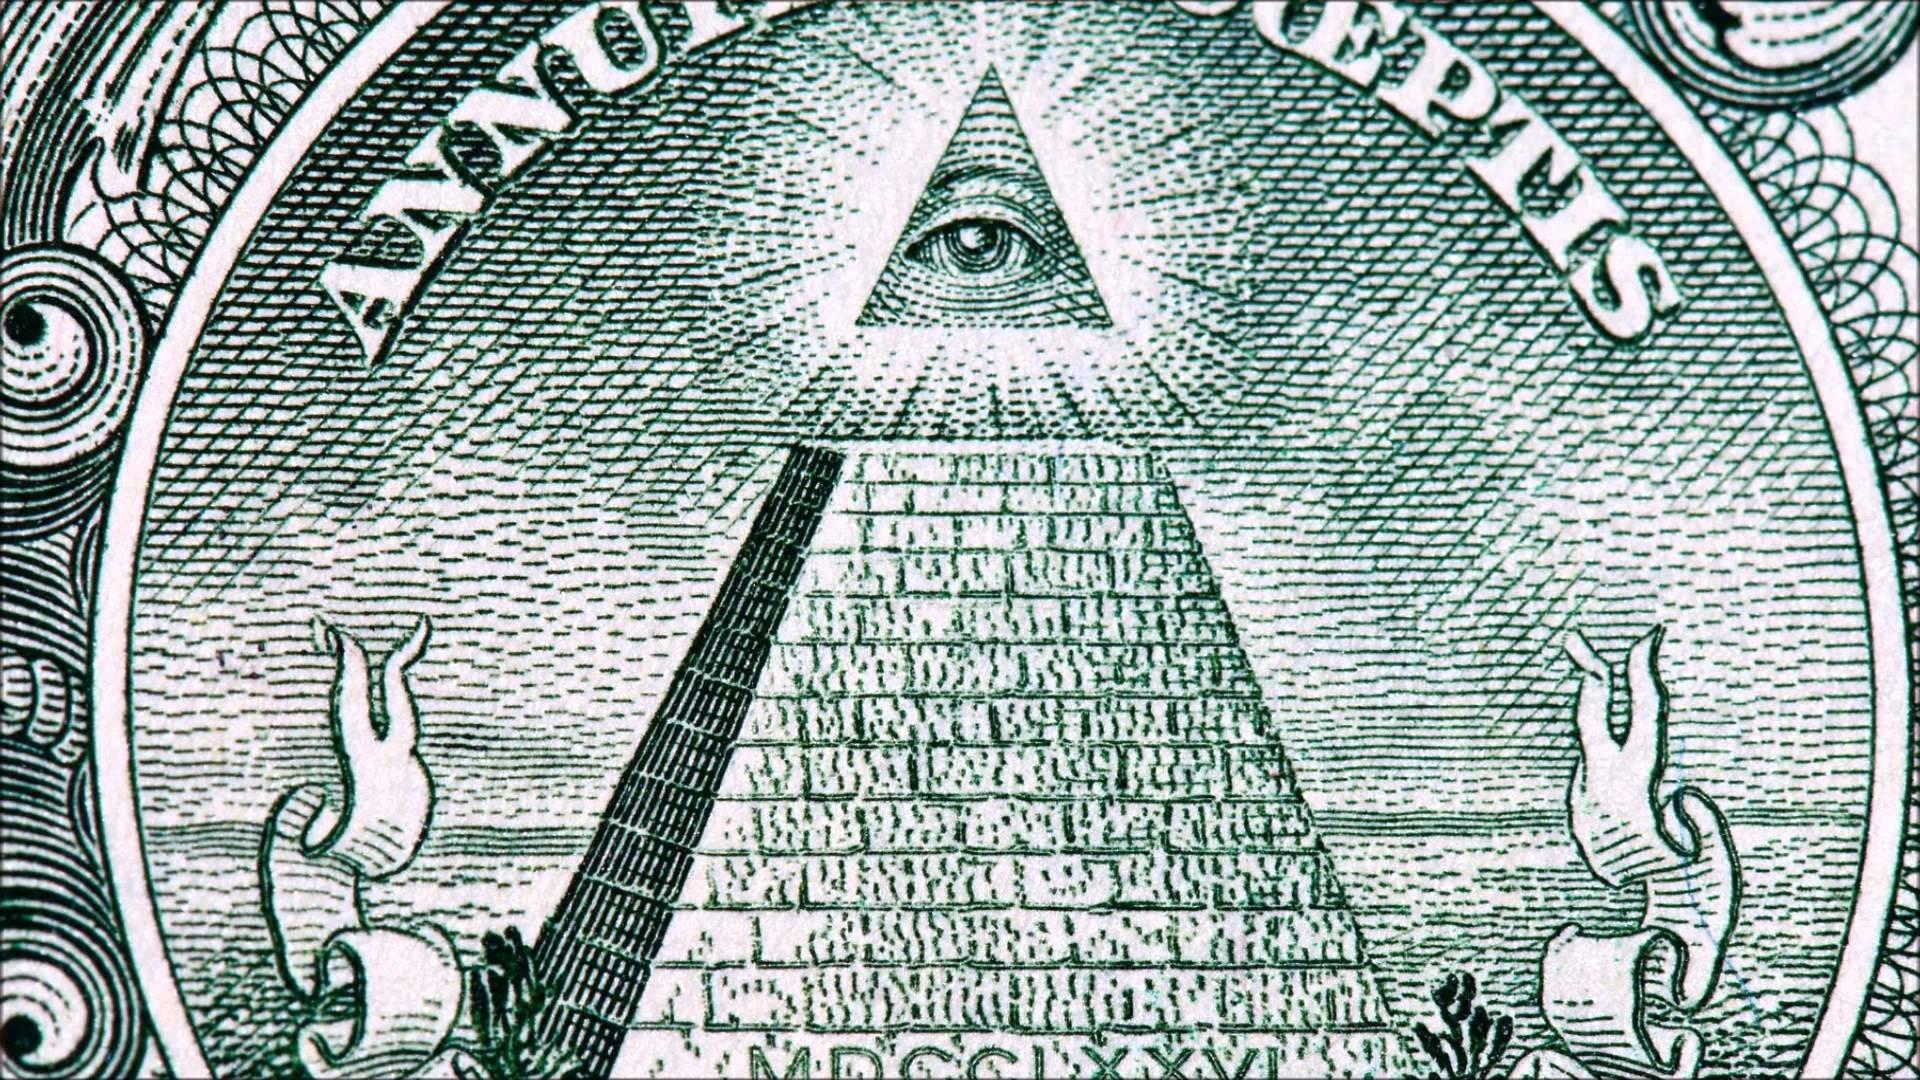 Illuminati confirmed official